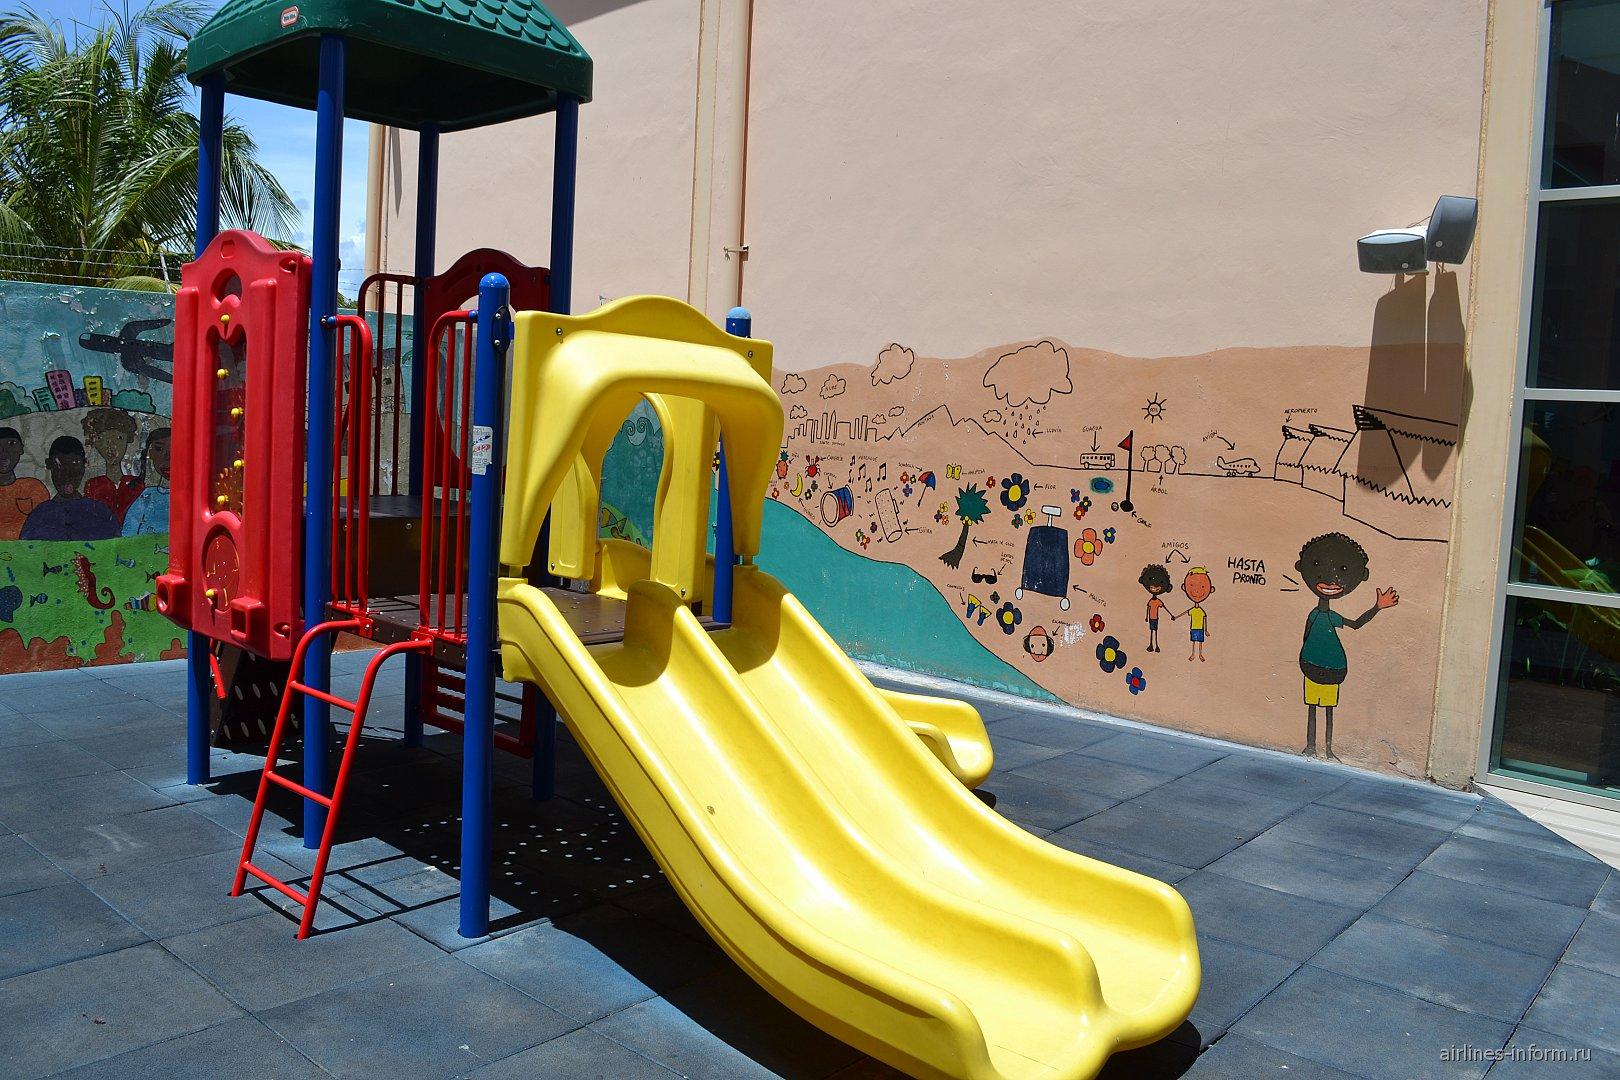 Детская площадка в аэропорту Пунта-Кана